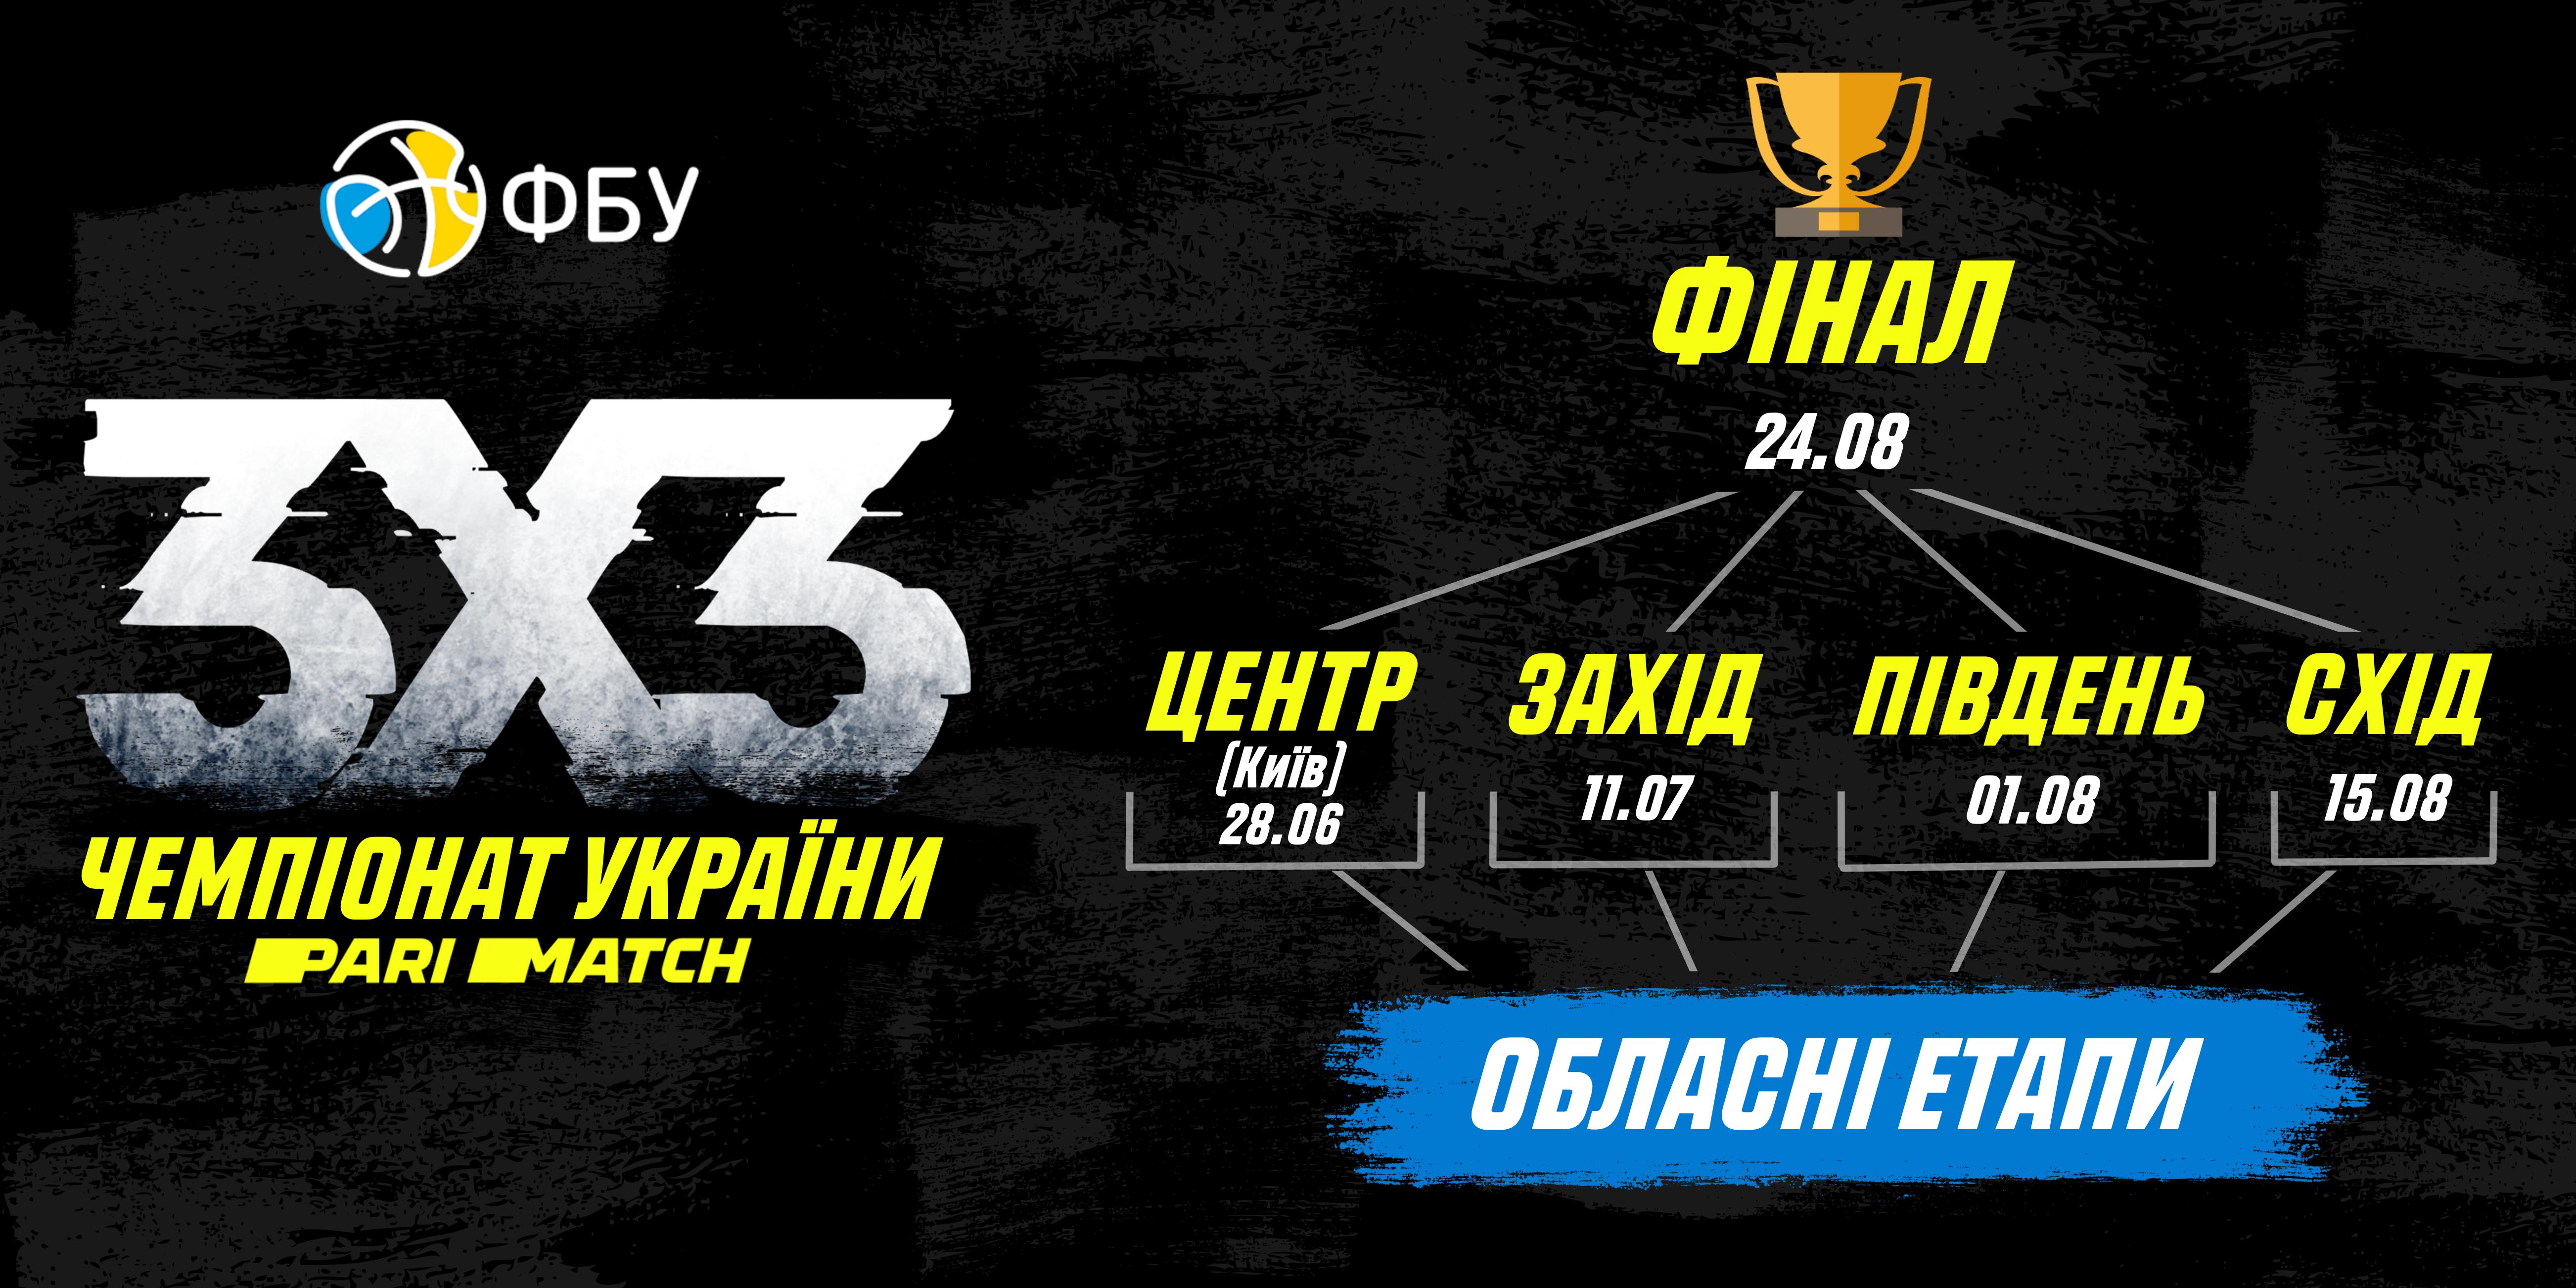 Чотири регіональні тури та фінал. Оприлюднено систему визначення чемпіона України 3х3